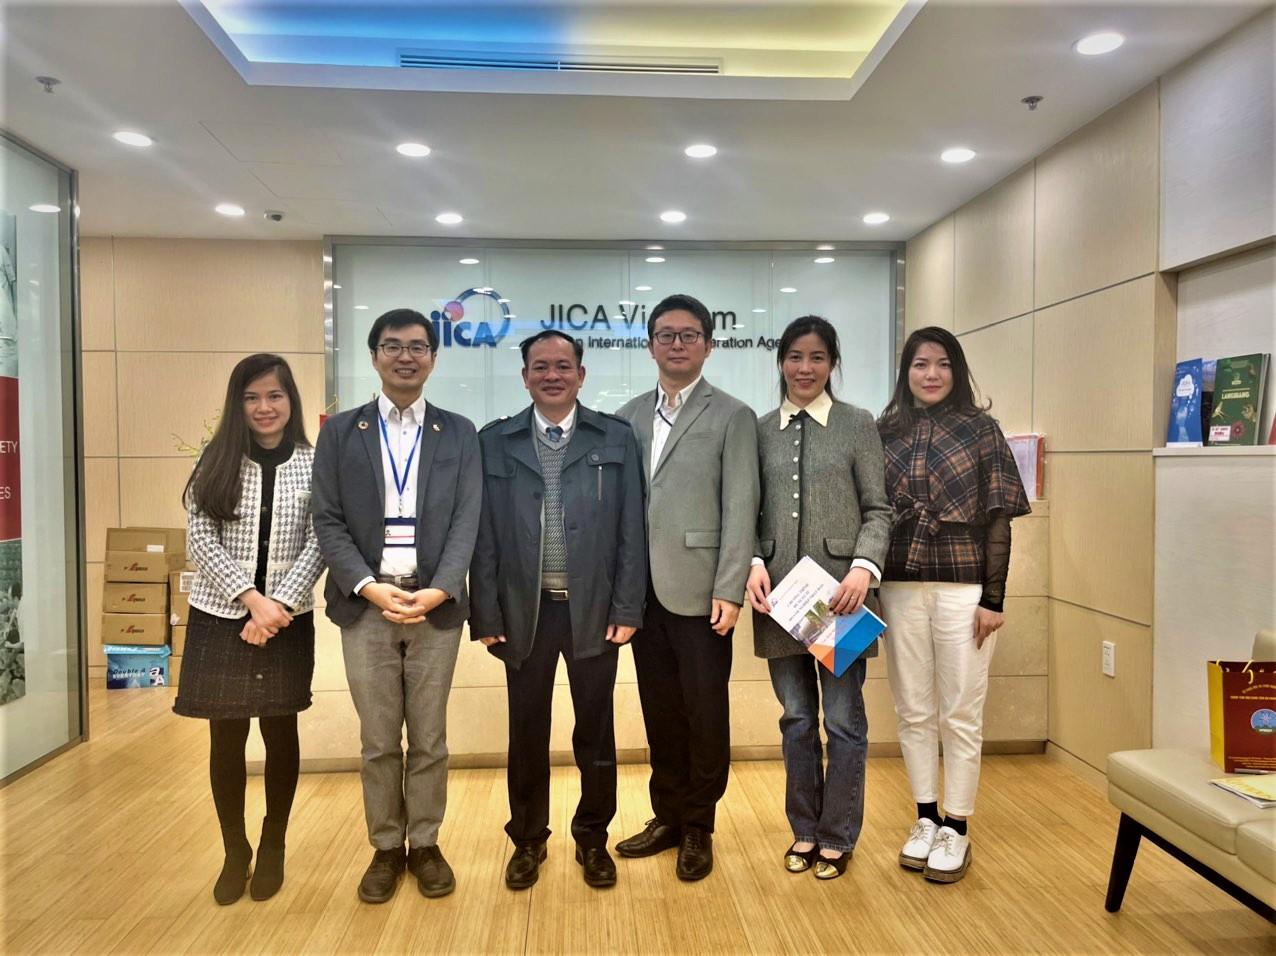 Sở Kế hoạch và Đầu tư tỉnh Vĩnh Phúc tăng cường hợp tác với các tổ chức xúc tiến đầu tư Nhật Bản